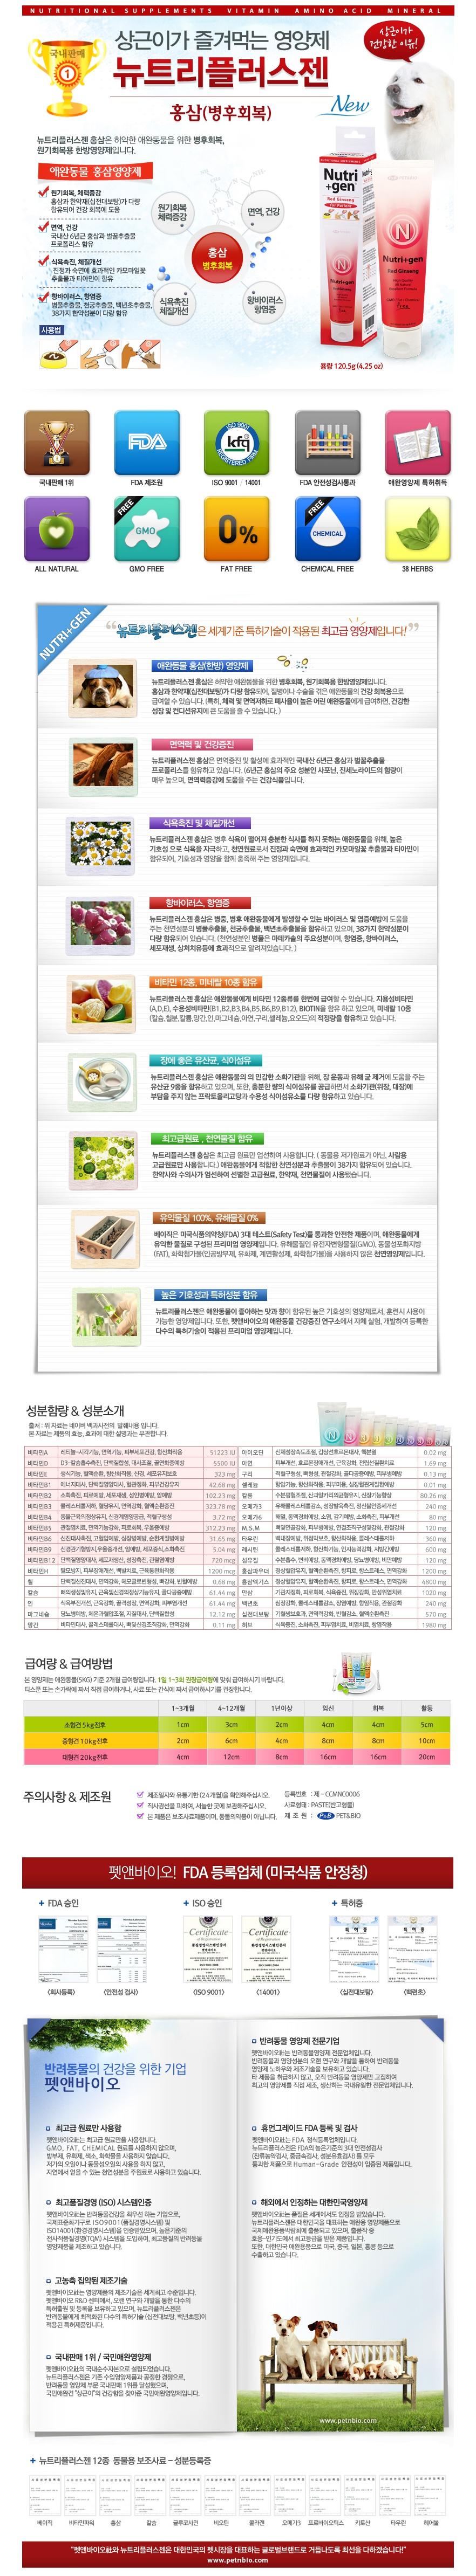 뉴트리플러스젠 홍삼 강아지영양제 120.5g - 스토어봄, 9,300원, 간식/영양제, 영양보호제